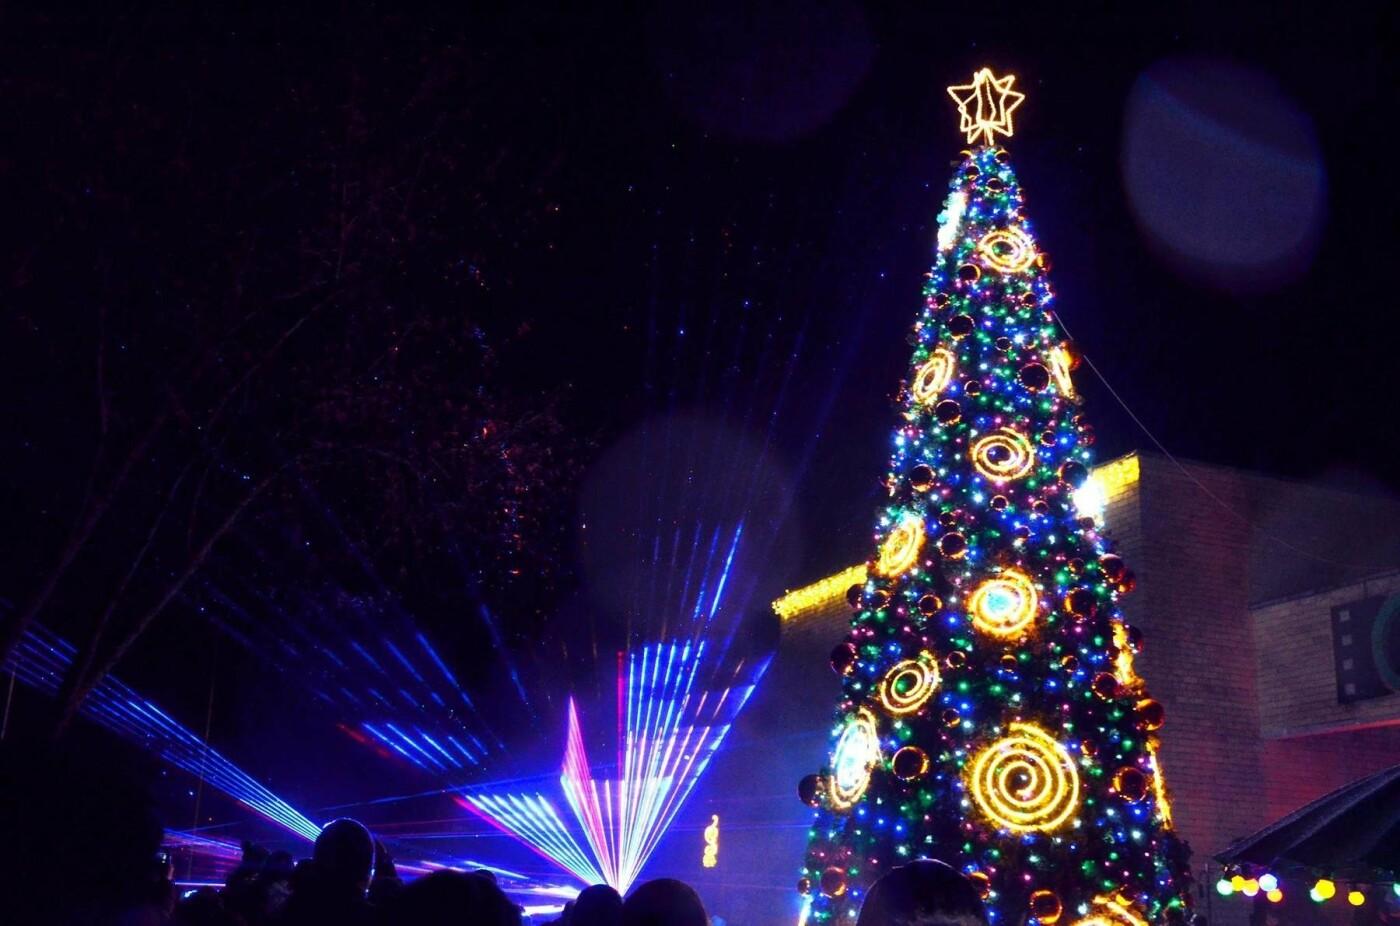 Šventąją užlies Kalėdų laukimo nuotaika – penktadienį įžiebiama eglė, nuotrauka-1